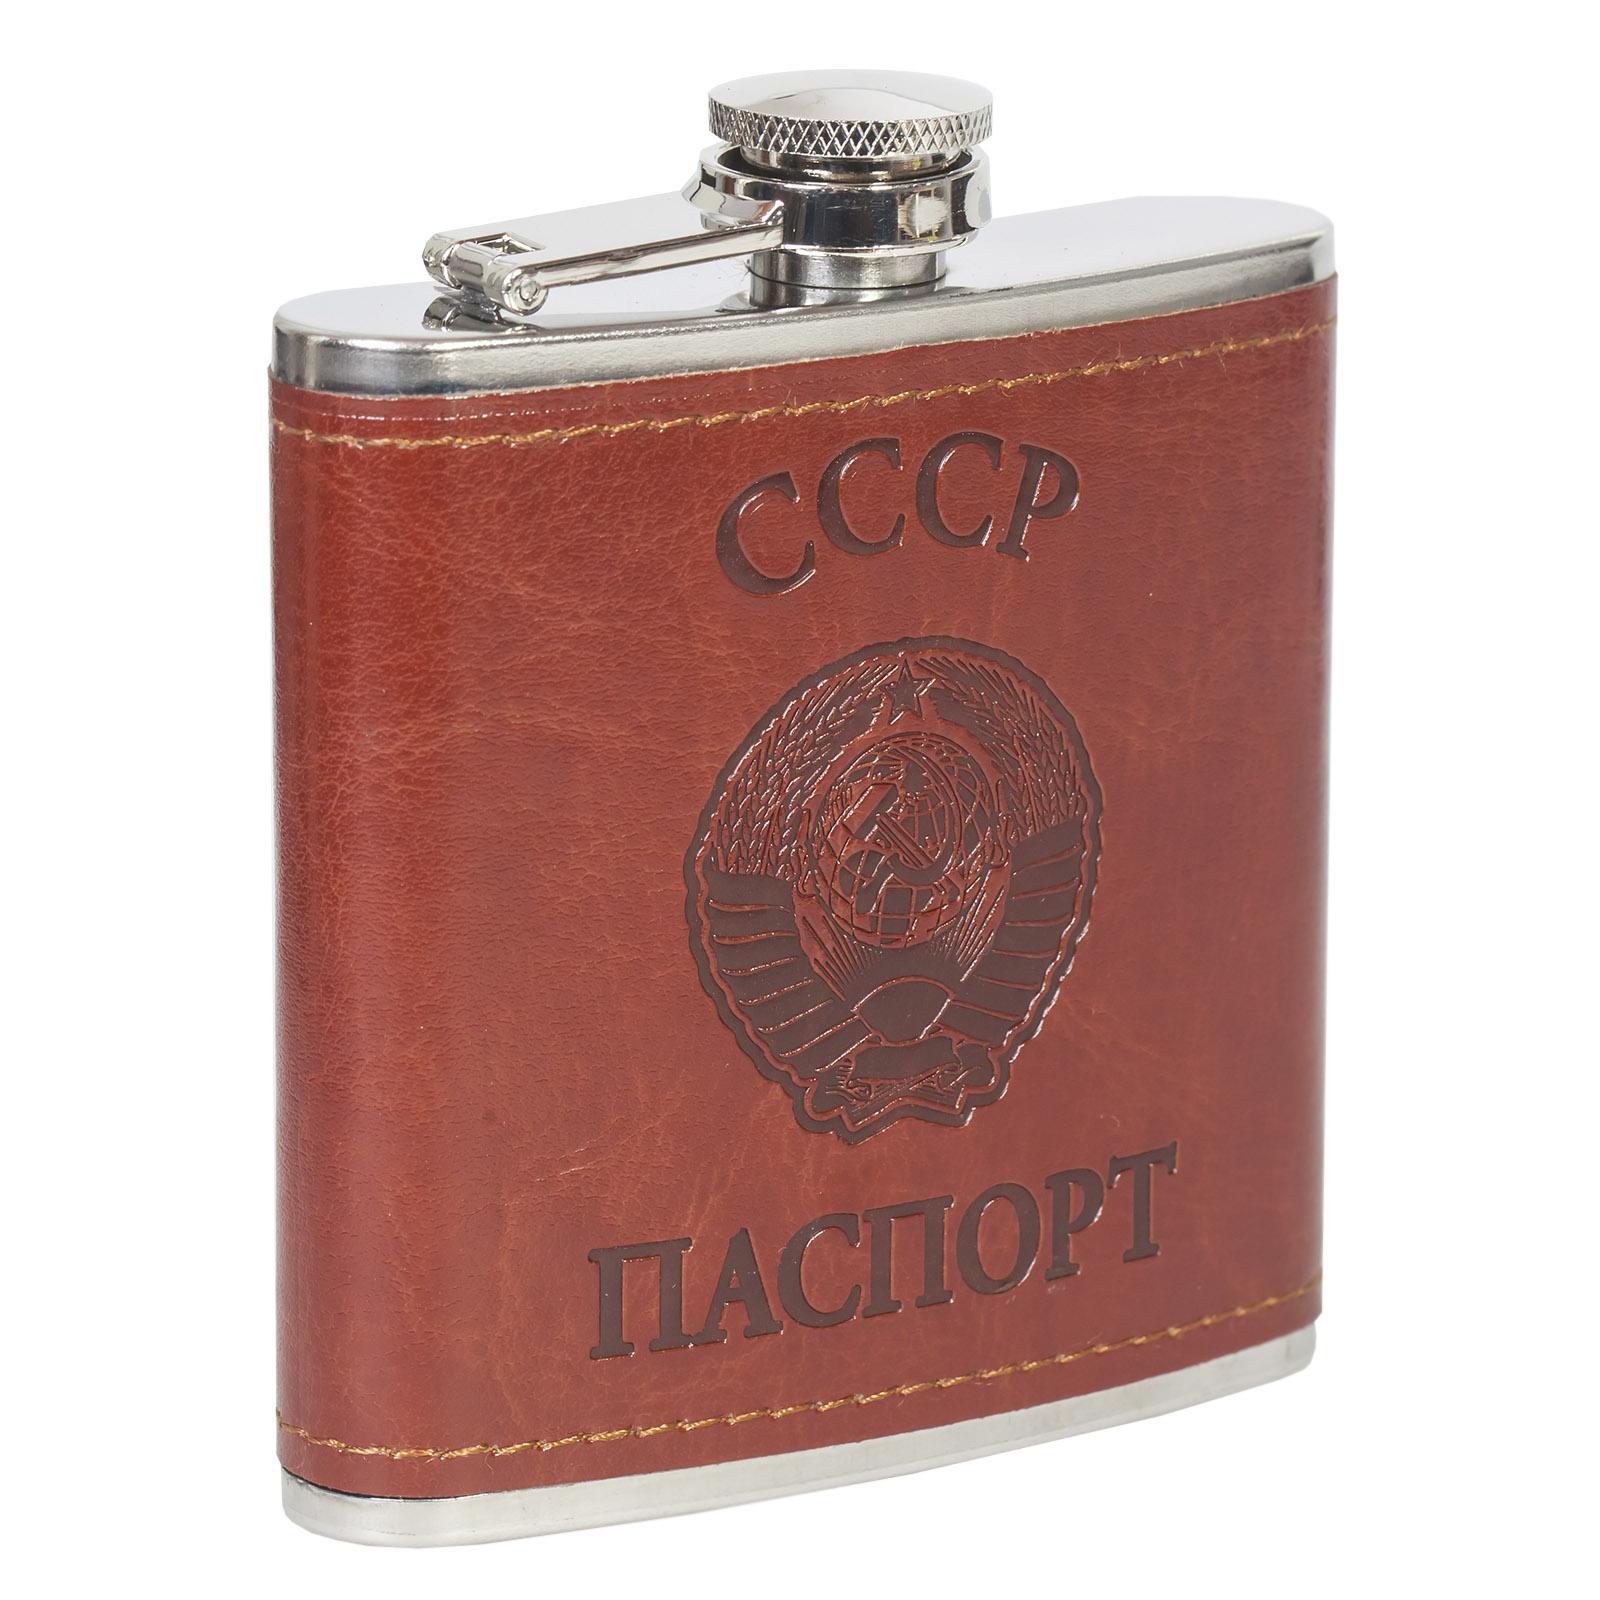 Плоская компактная фляжка в чехле Советский Паспорт.